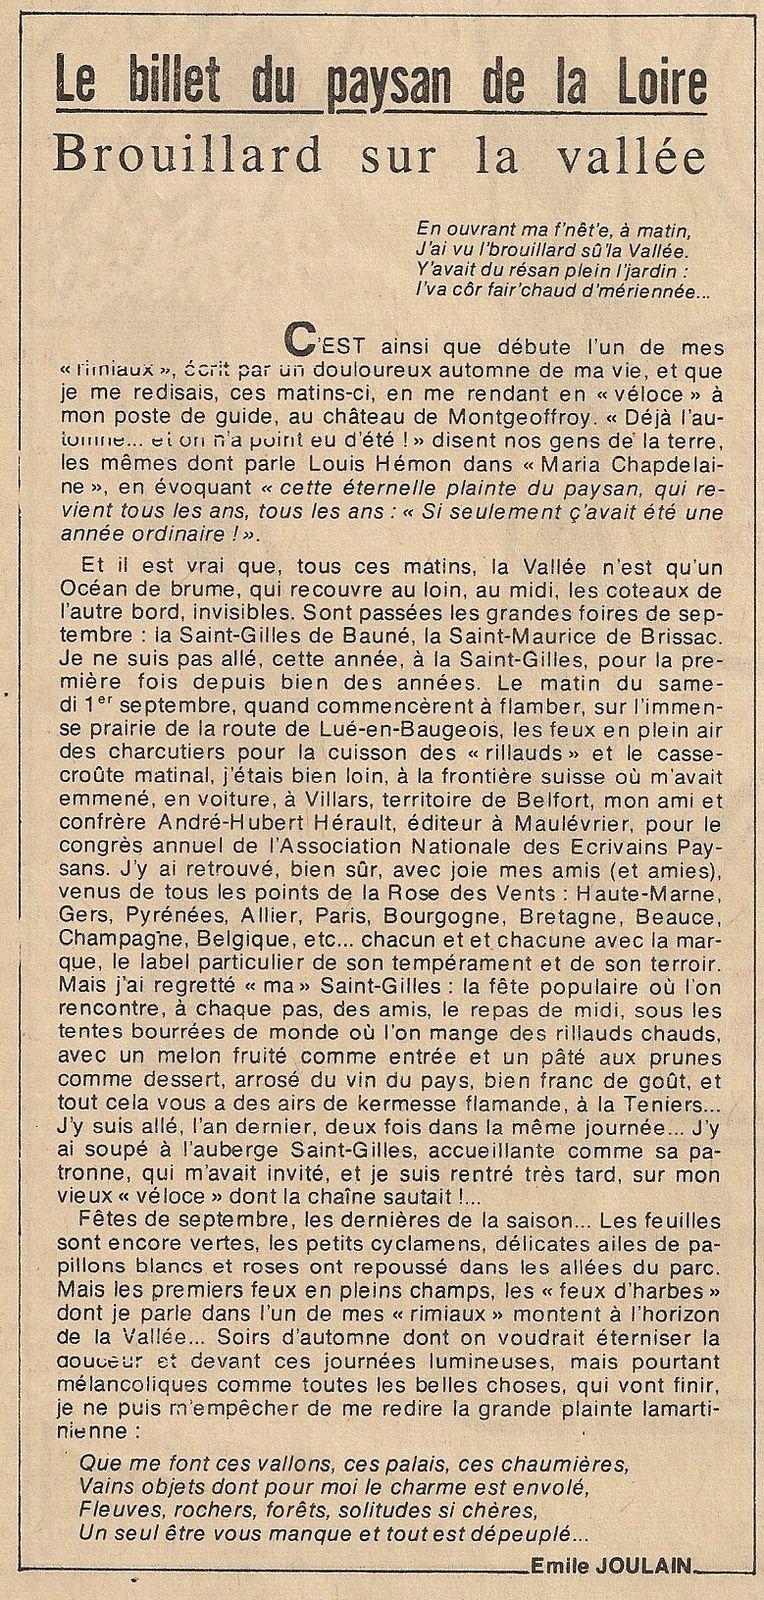 le billet du paysan de la Loire, septembre 1979